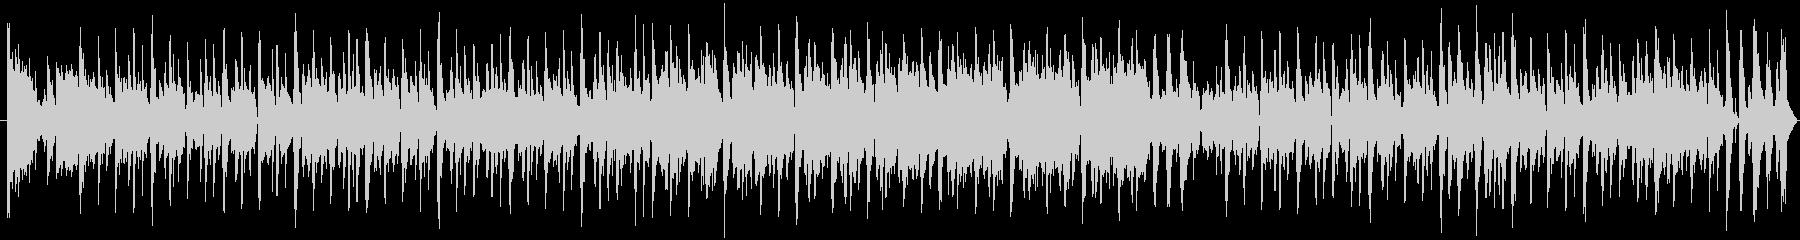 ビッグバンド、トランペット、ピアノ...の未再生の波形